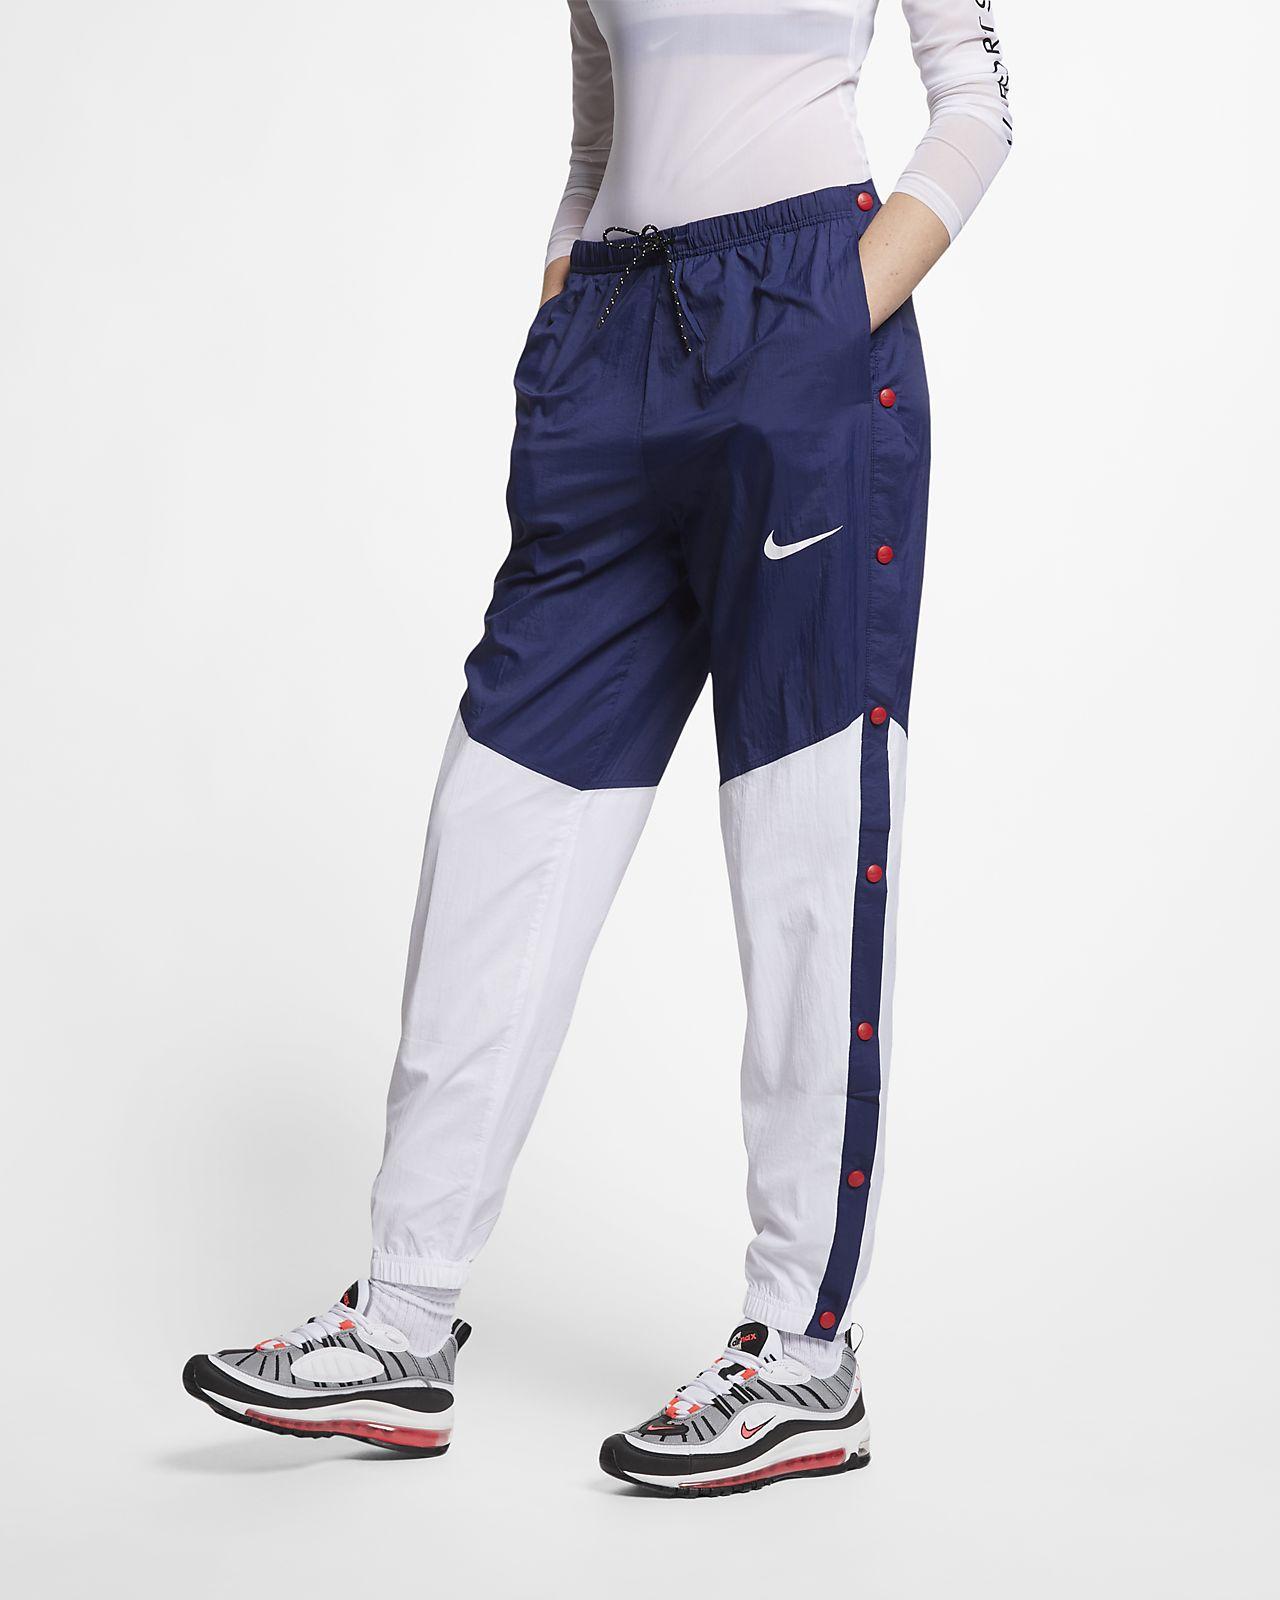 Windrunner Nike Windrunner Sportswear Nike Sportswear Sportswear Pantalon Ca Nike Ca Ca Pantalon Windrunner fB8S65